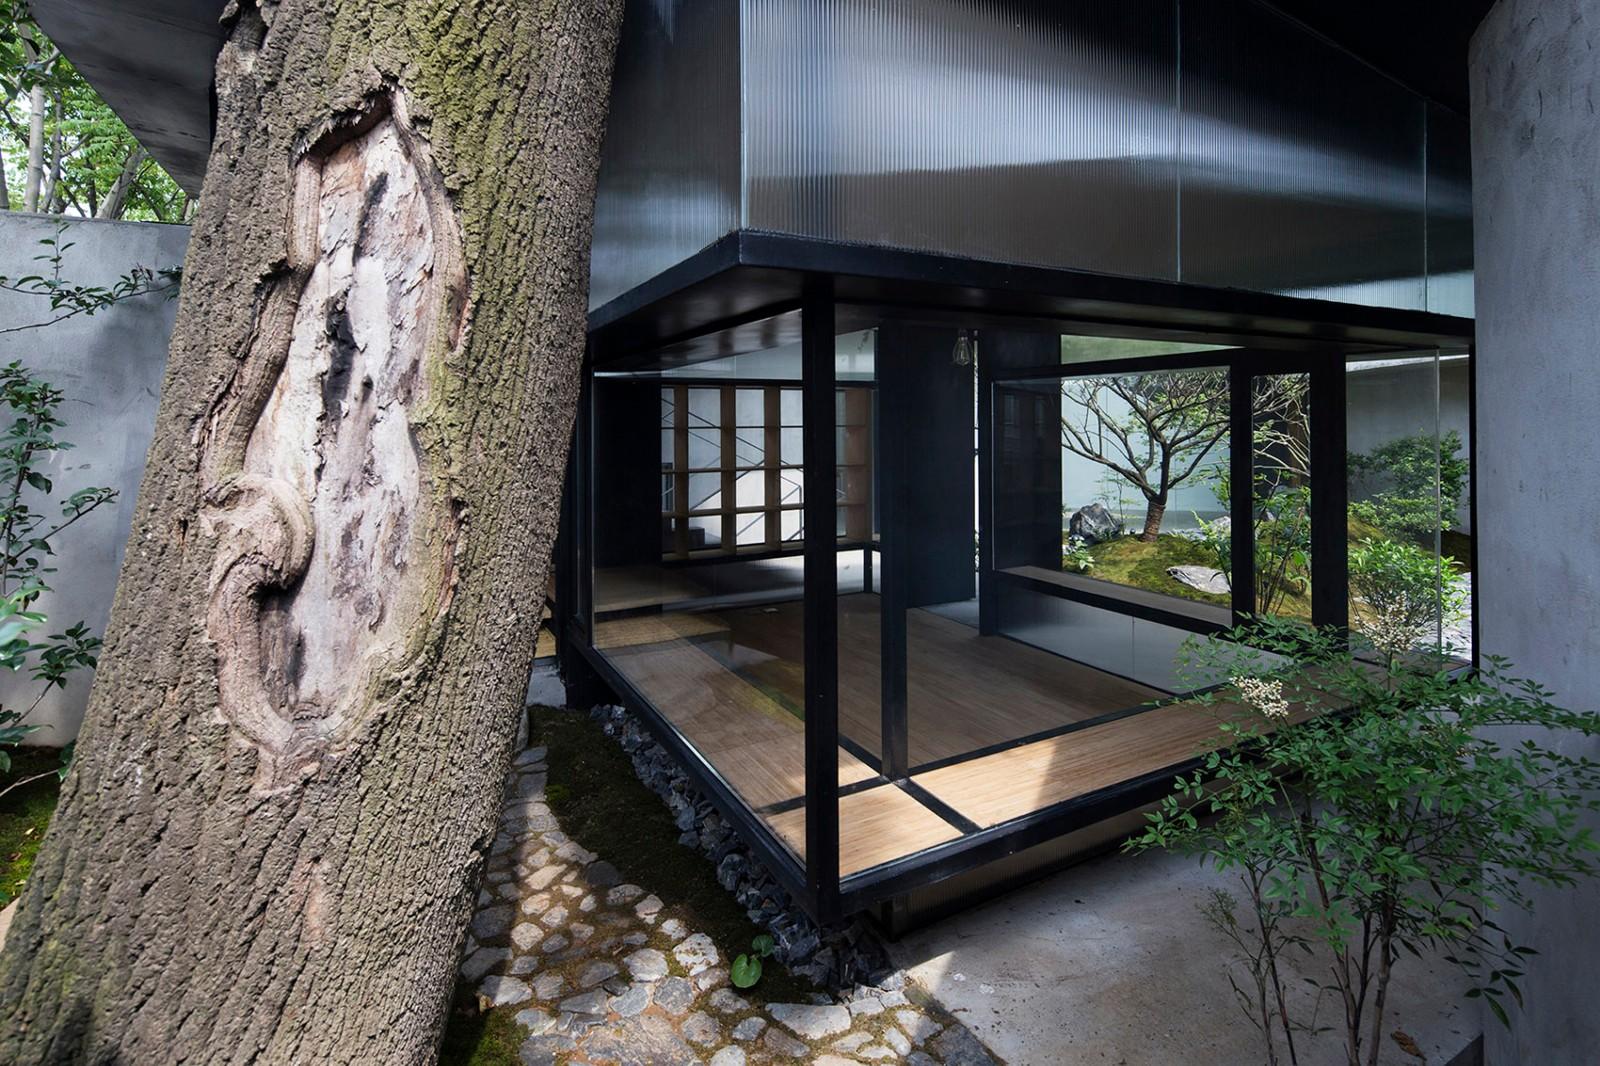 庭院设计:禅茶雅居——110平的小院内,几棵树,一茶室图片